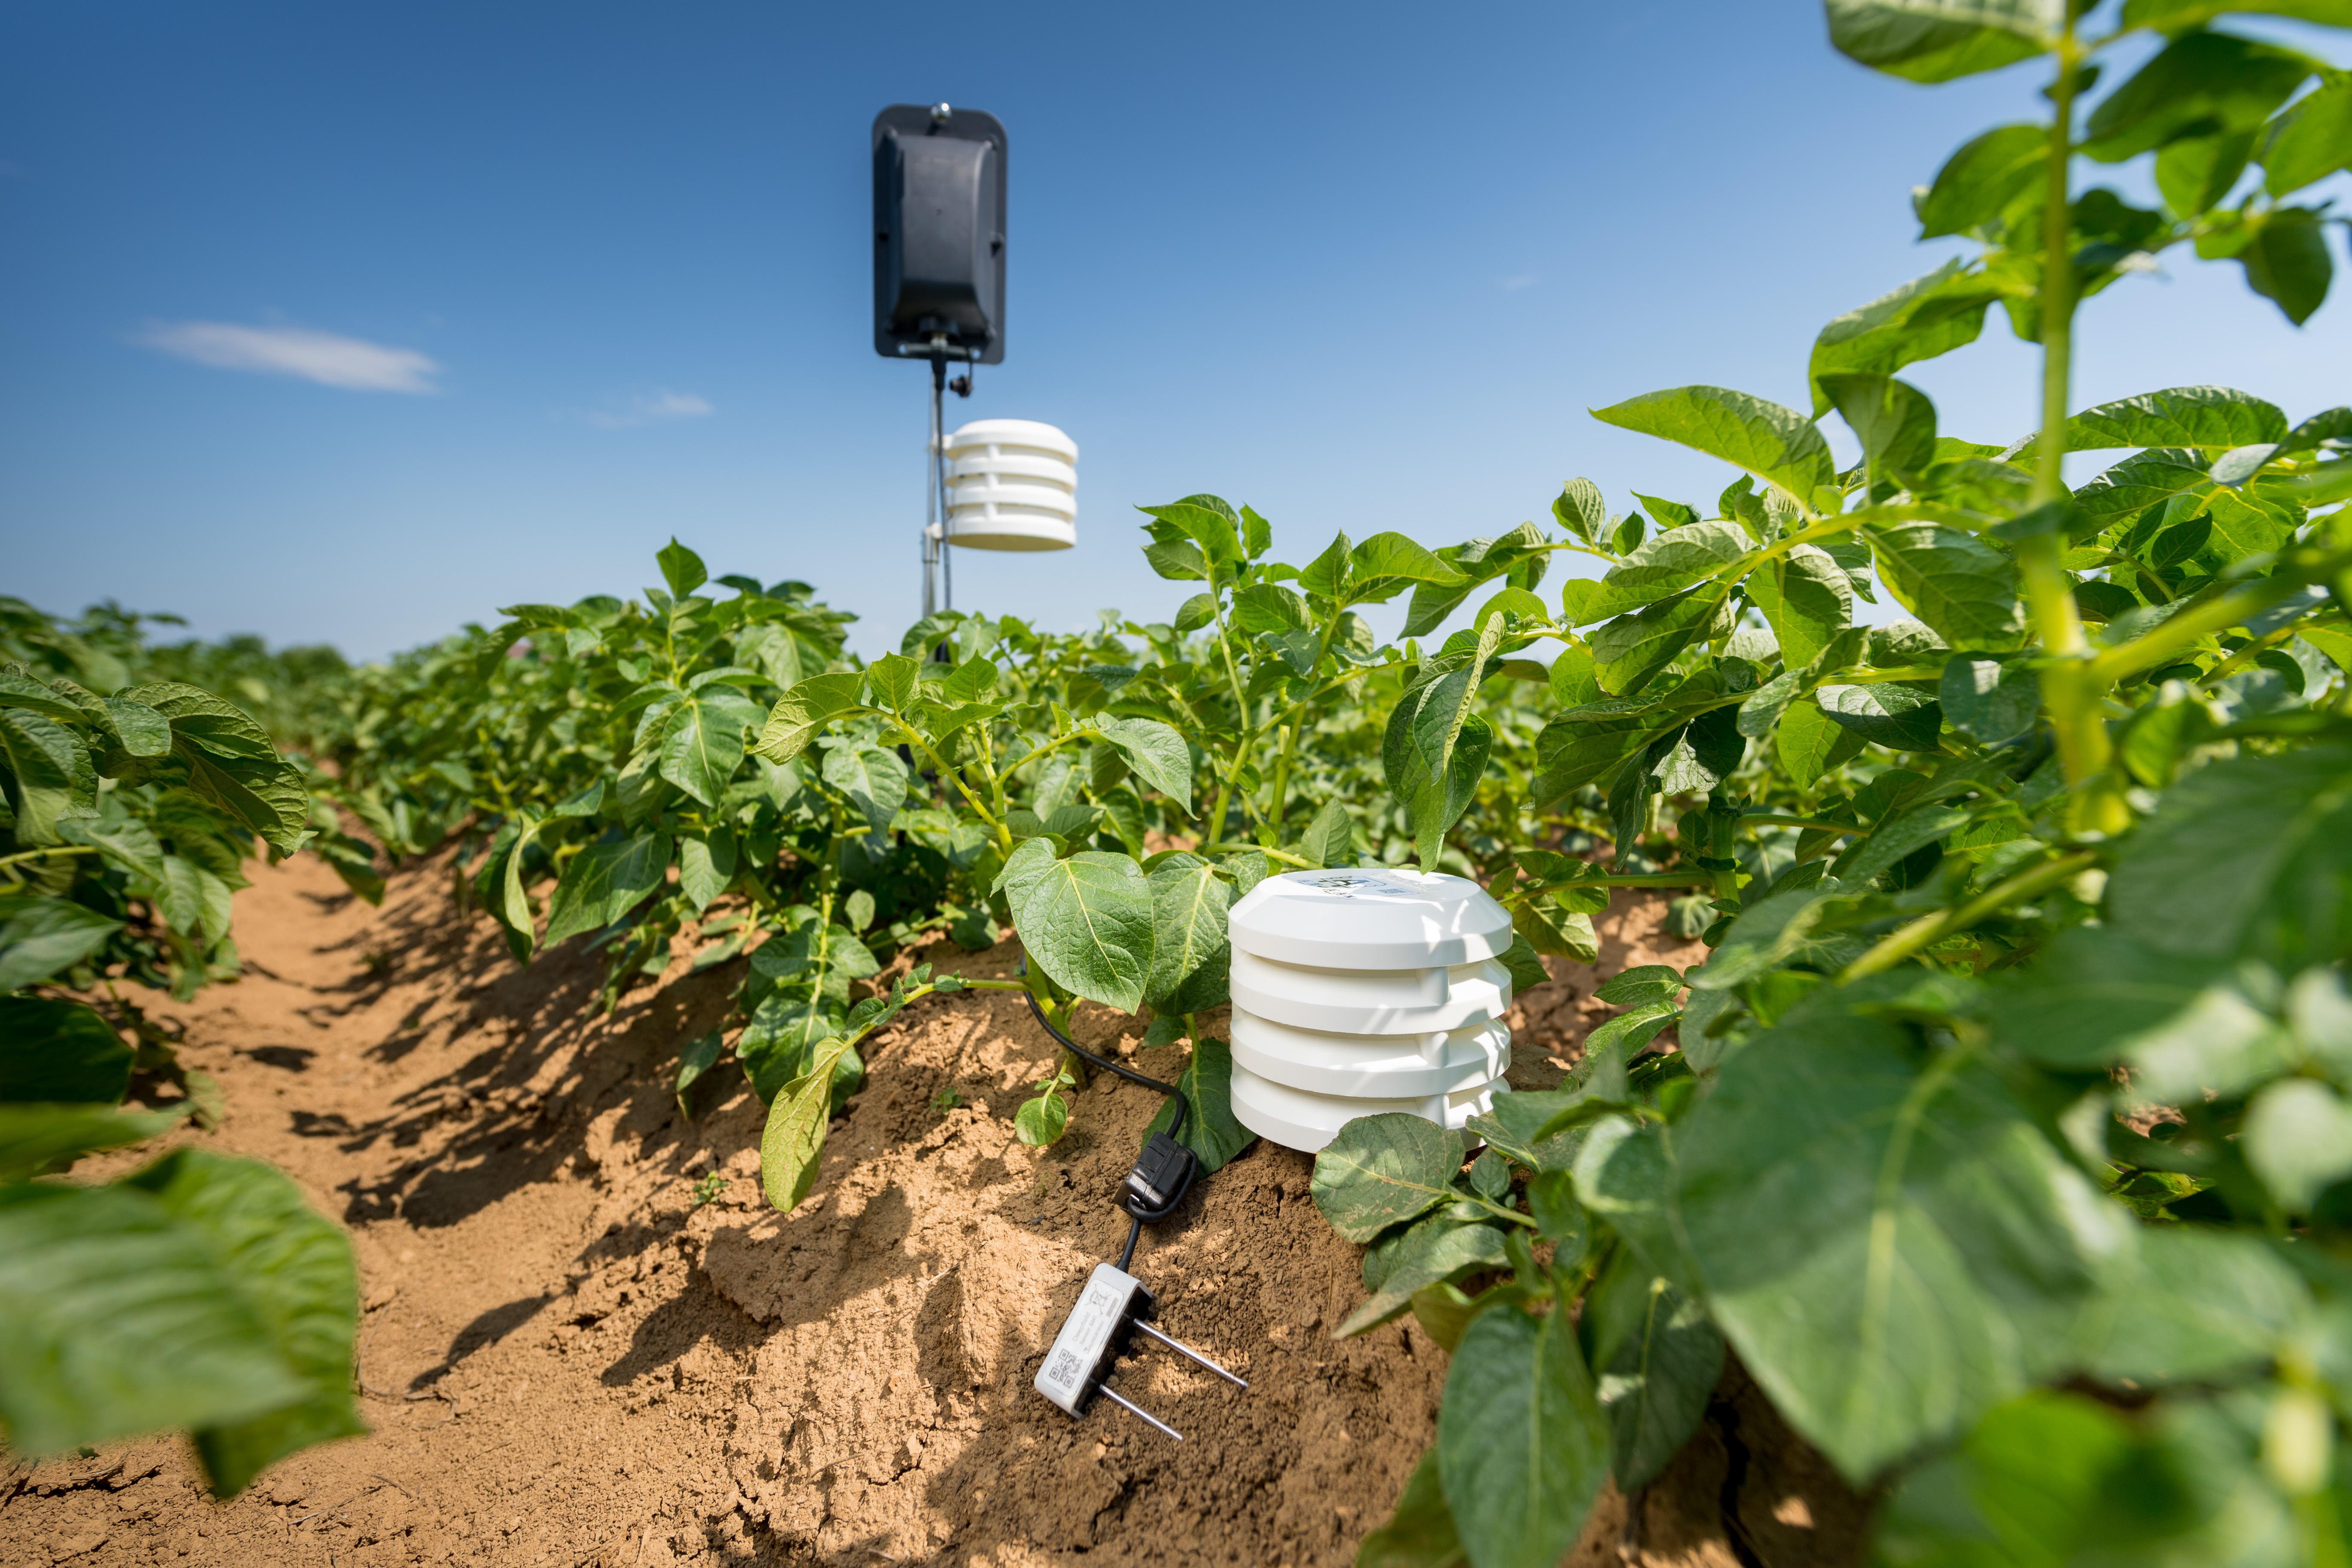 Bodenfeuchte-, Temperatur- und Luftfeuchte-Sensoren zur Feldüberwachung in Kartoffeln